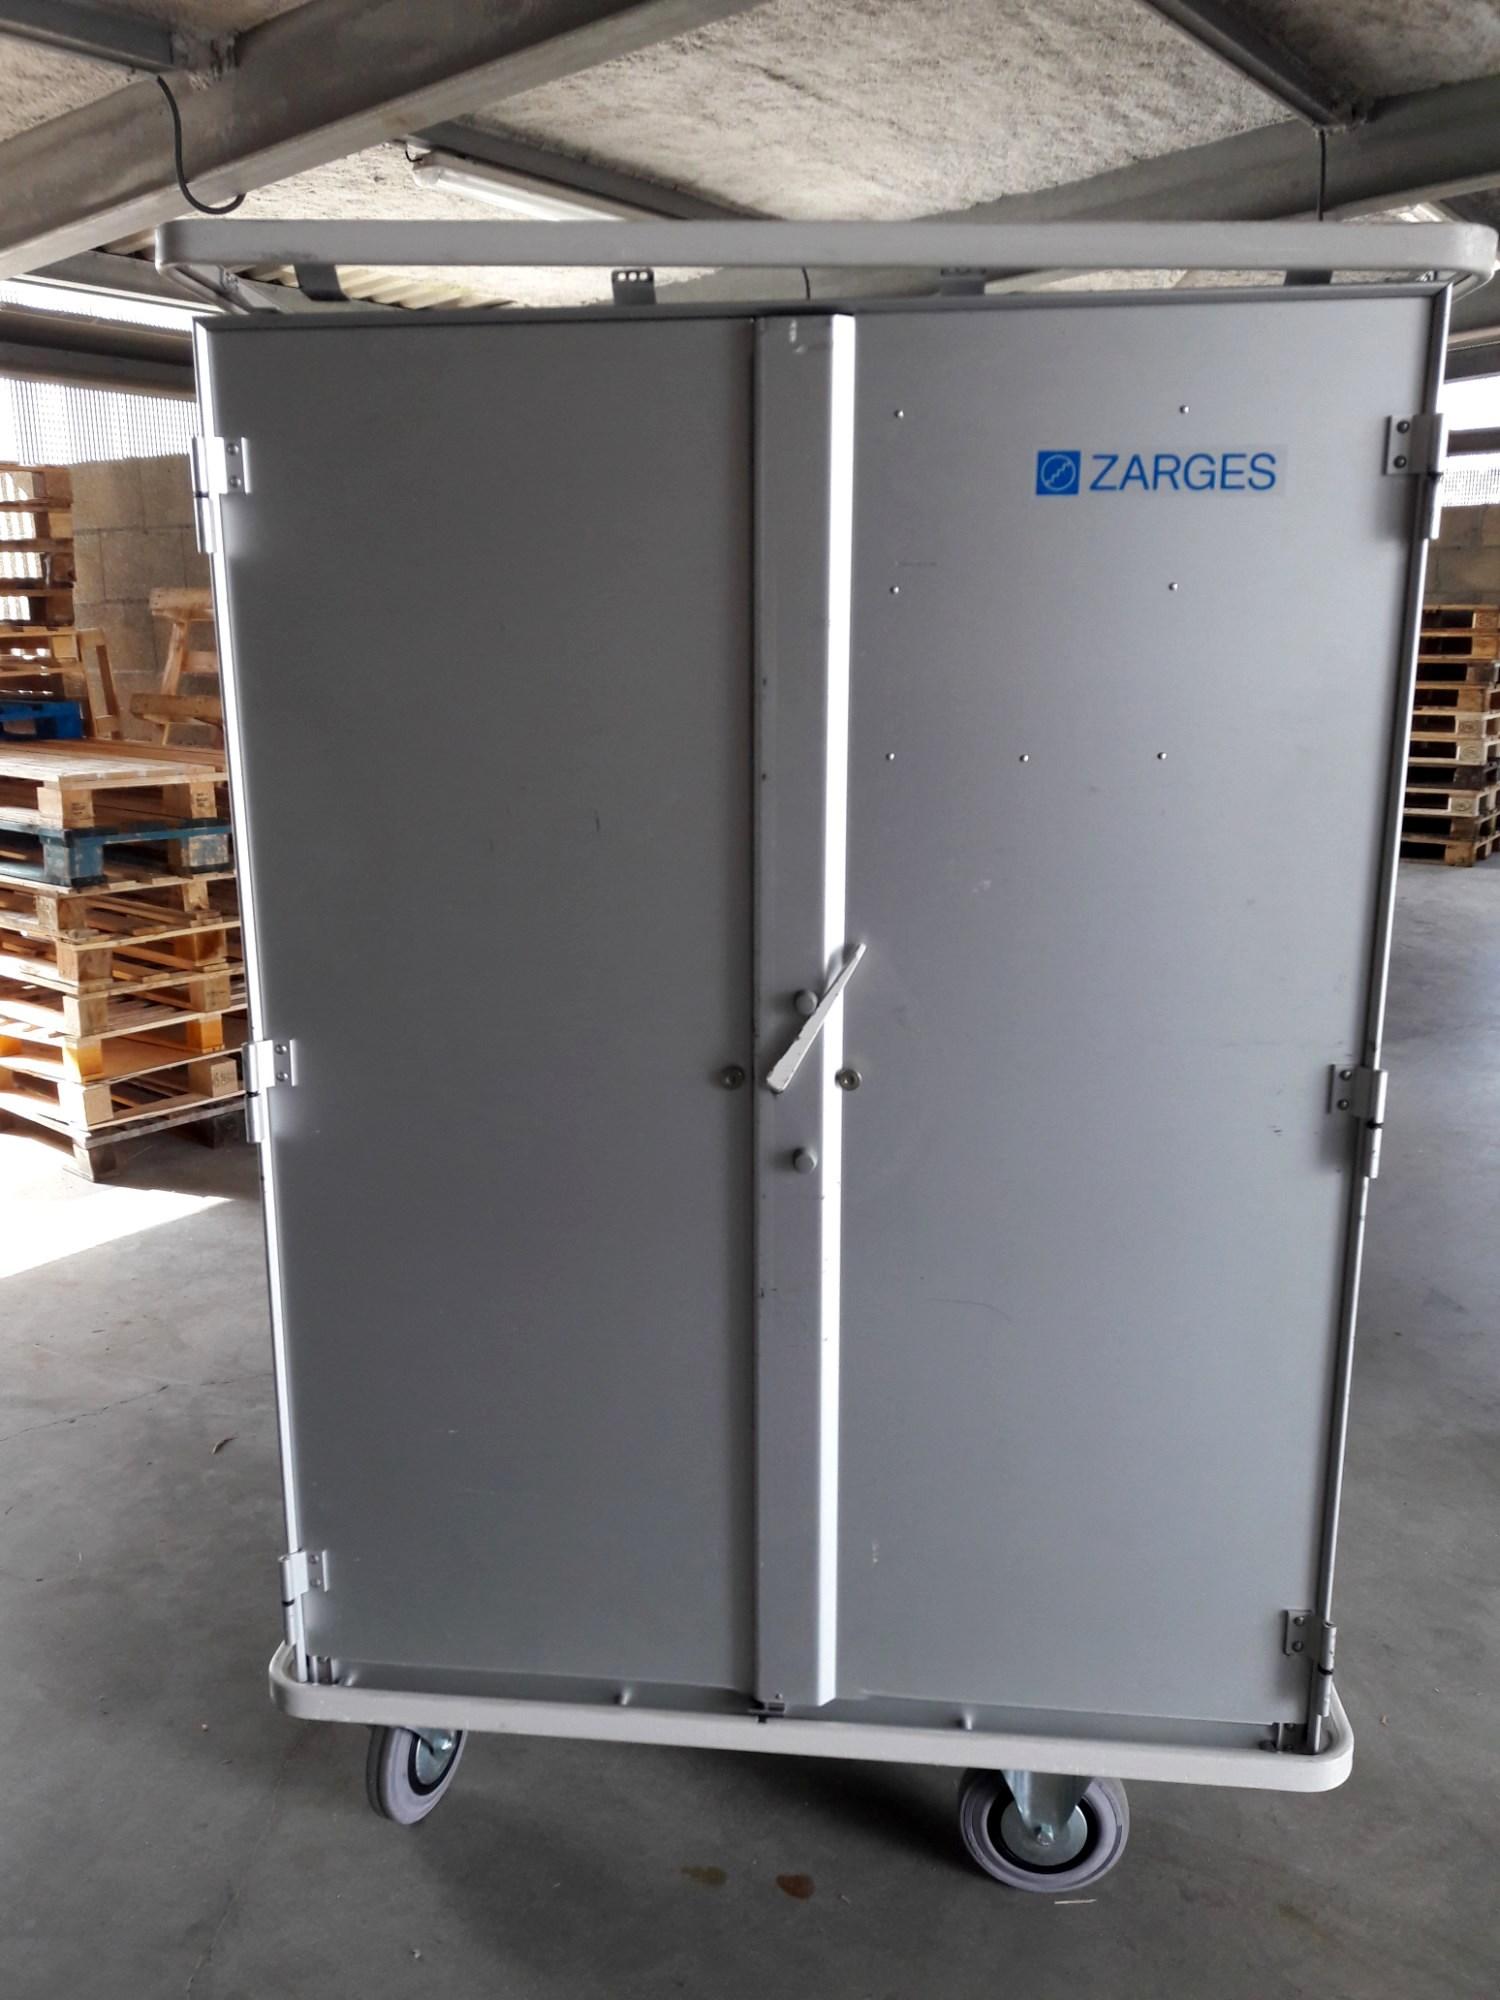 armoire zargal 875 litres rangement d 39 occasion aux ench res agorastore. Black Bedroom Furniture Sets. Home Design Ideas